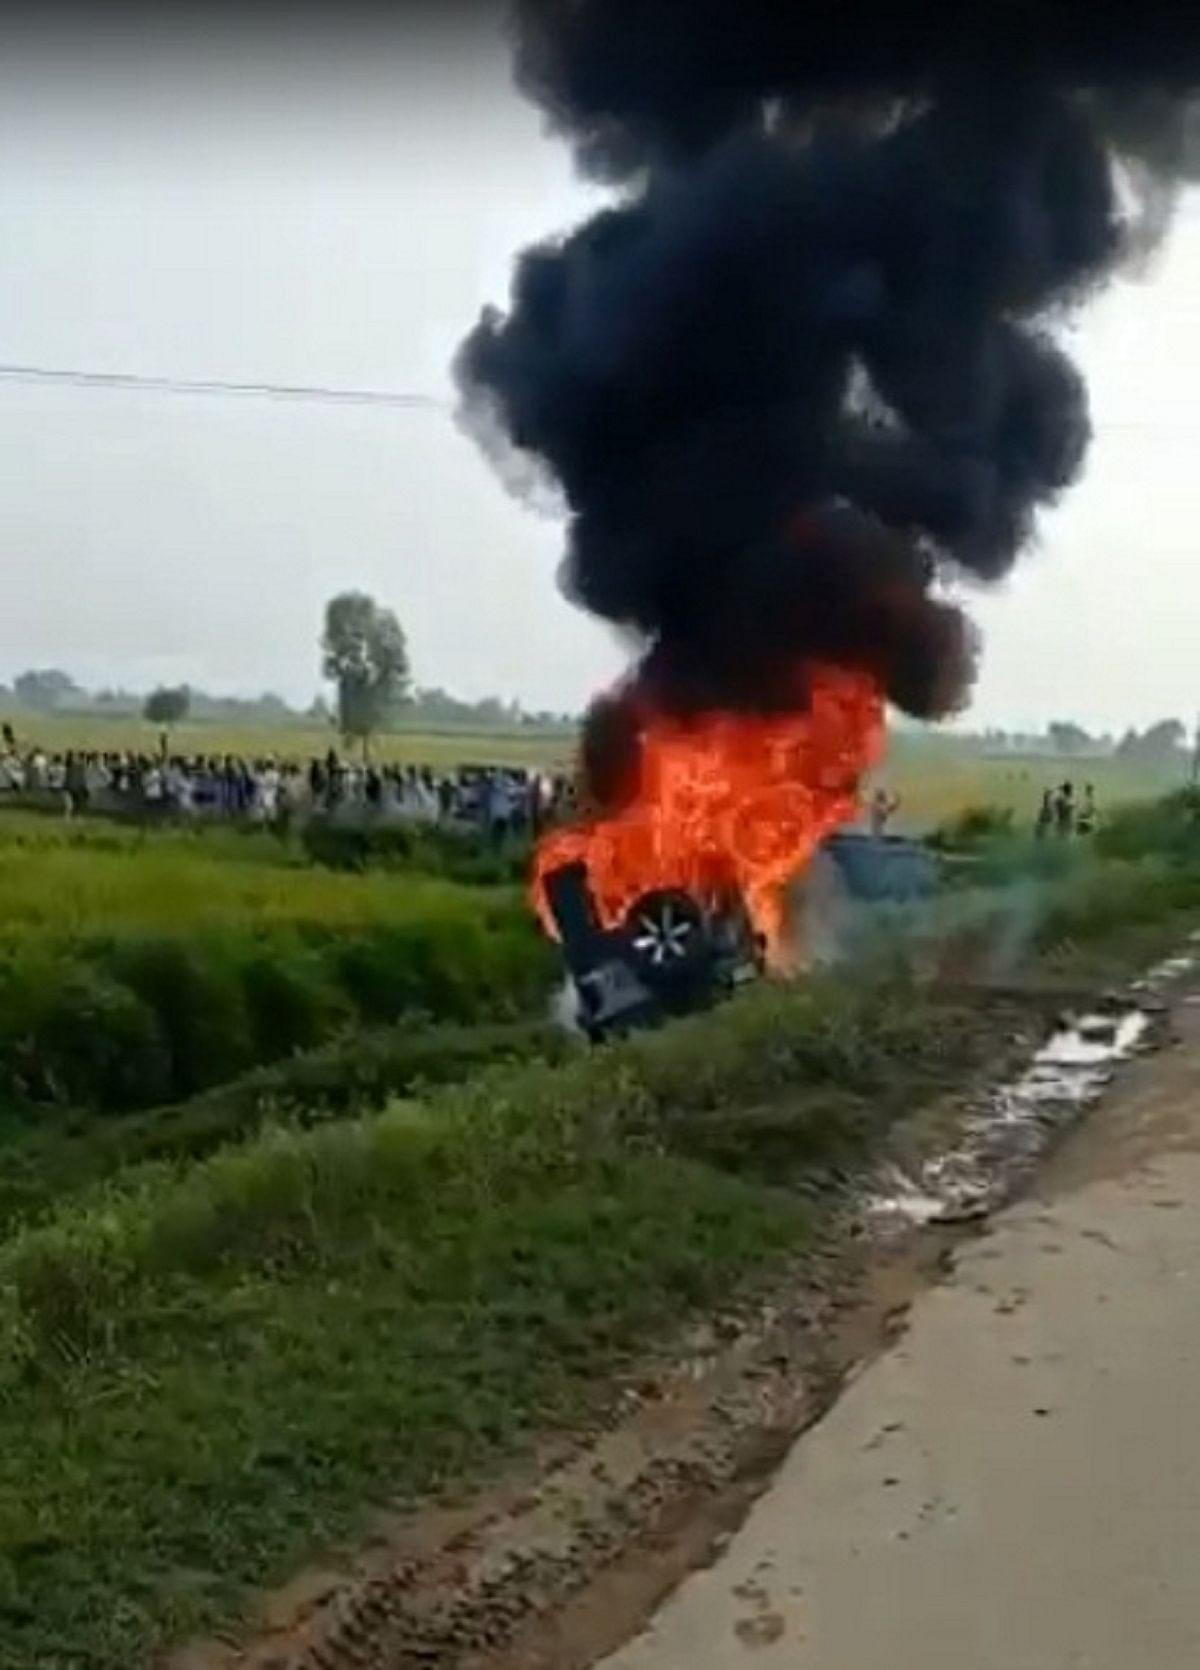 مرکزی وزیر کے بیٹے پر کسانوں کی بھیڑ پر کار چڑھانے کا الزام، 3 ہلاک، کئی زخمی